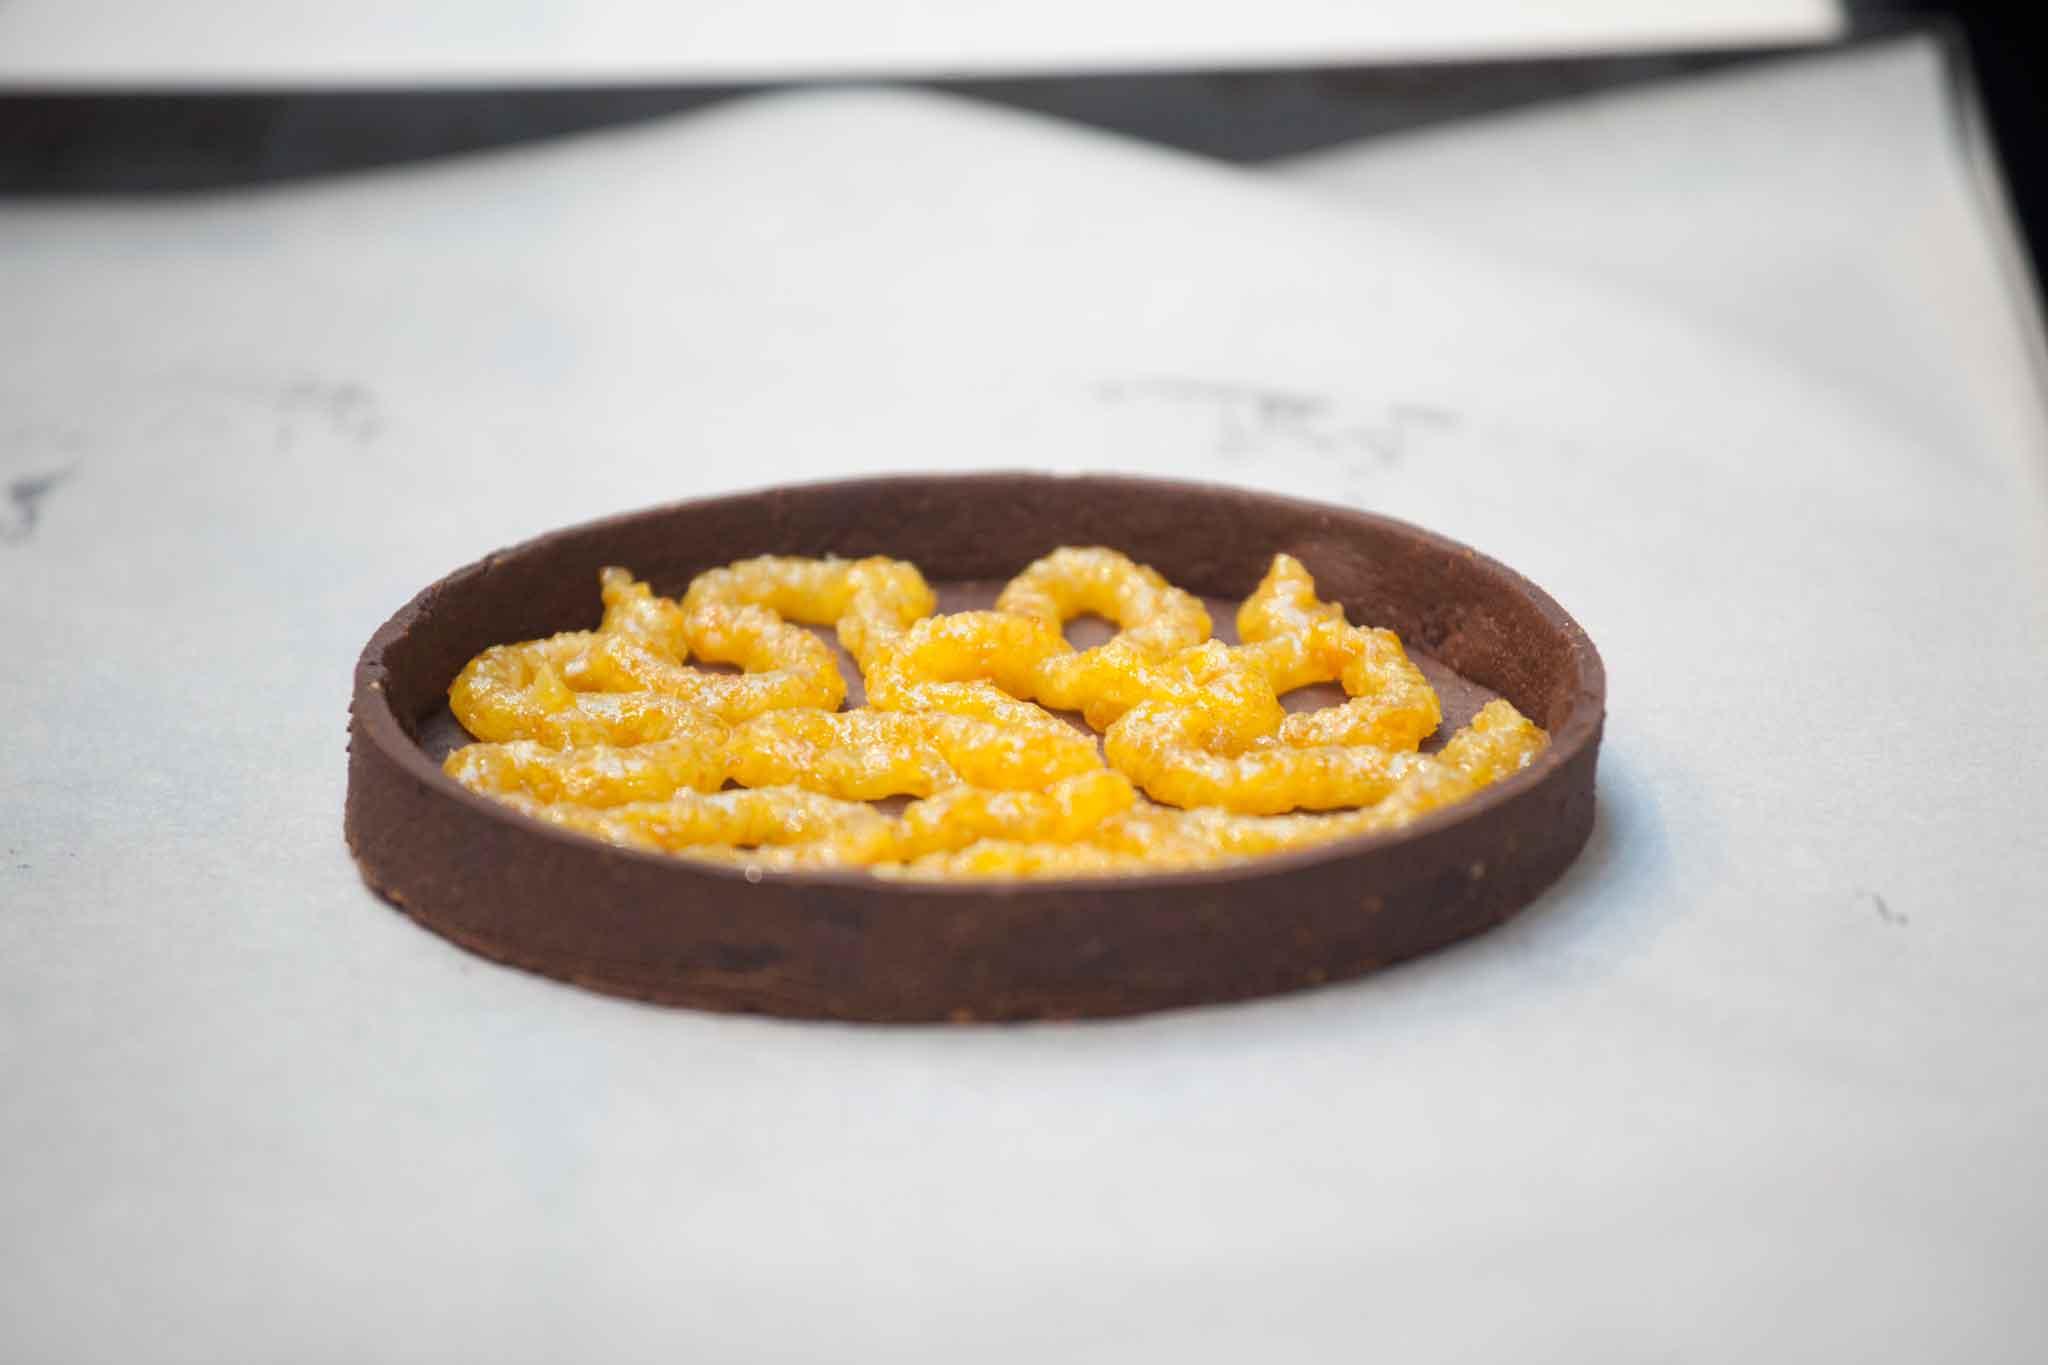 preparazione crostata cioccolato Gianluca Fusto